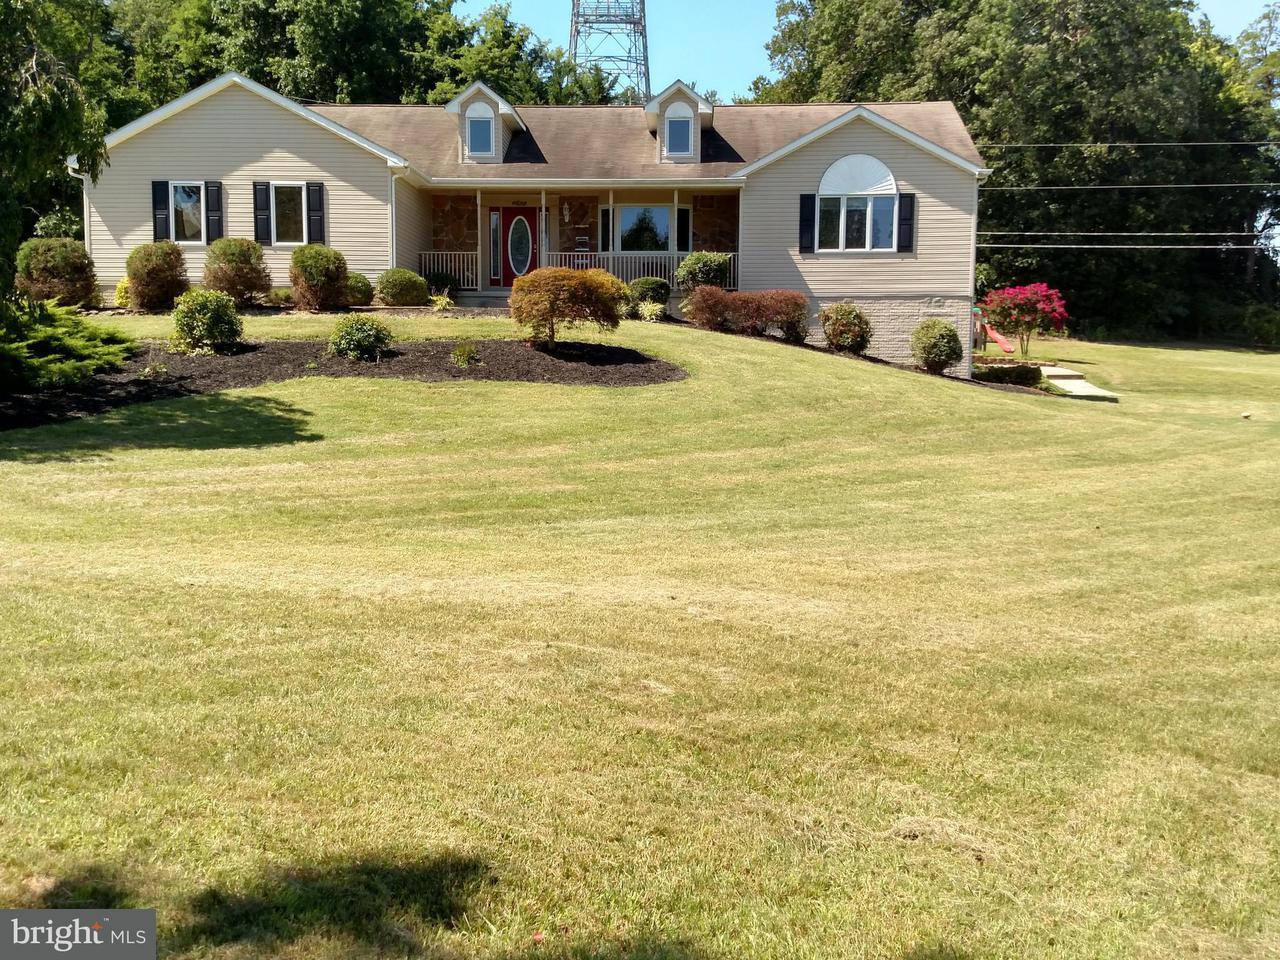 一戸建て のために 売買 アット 1 HARWOOD Drive 1 HARWOOD Drive Harwood, メリーランド 20776 アメリカ合衆国